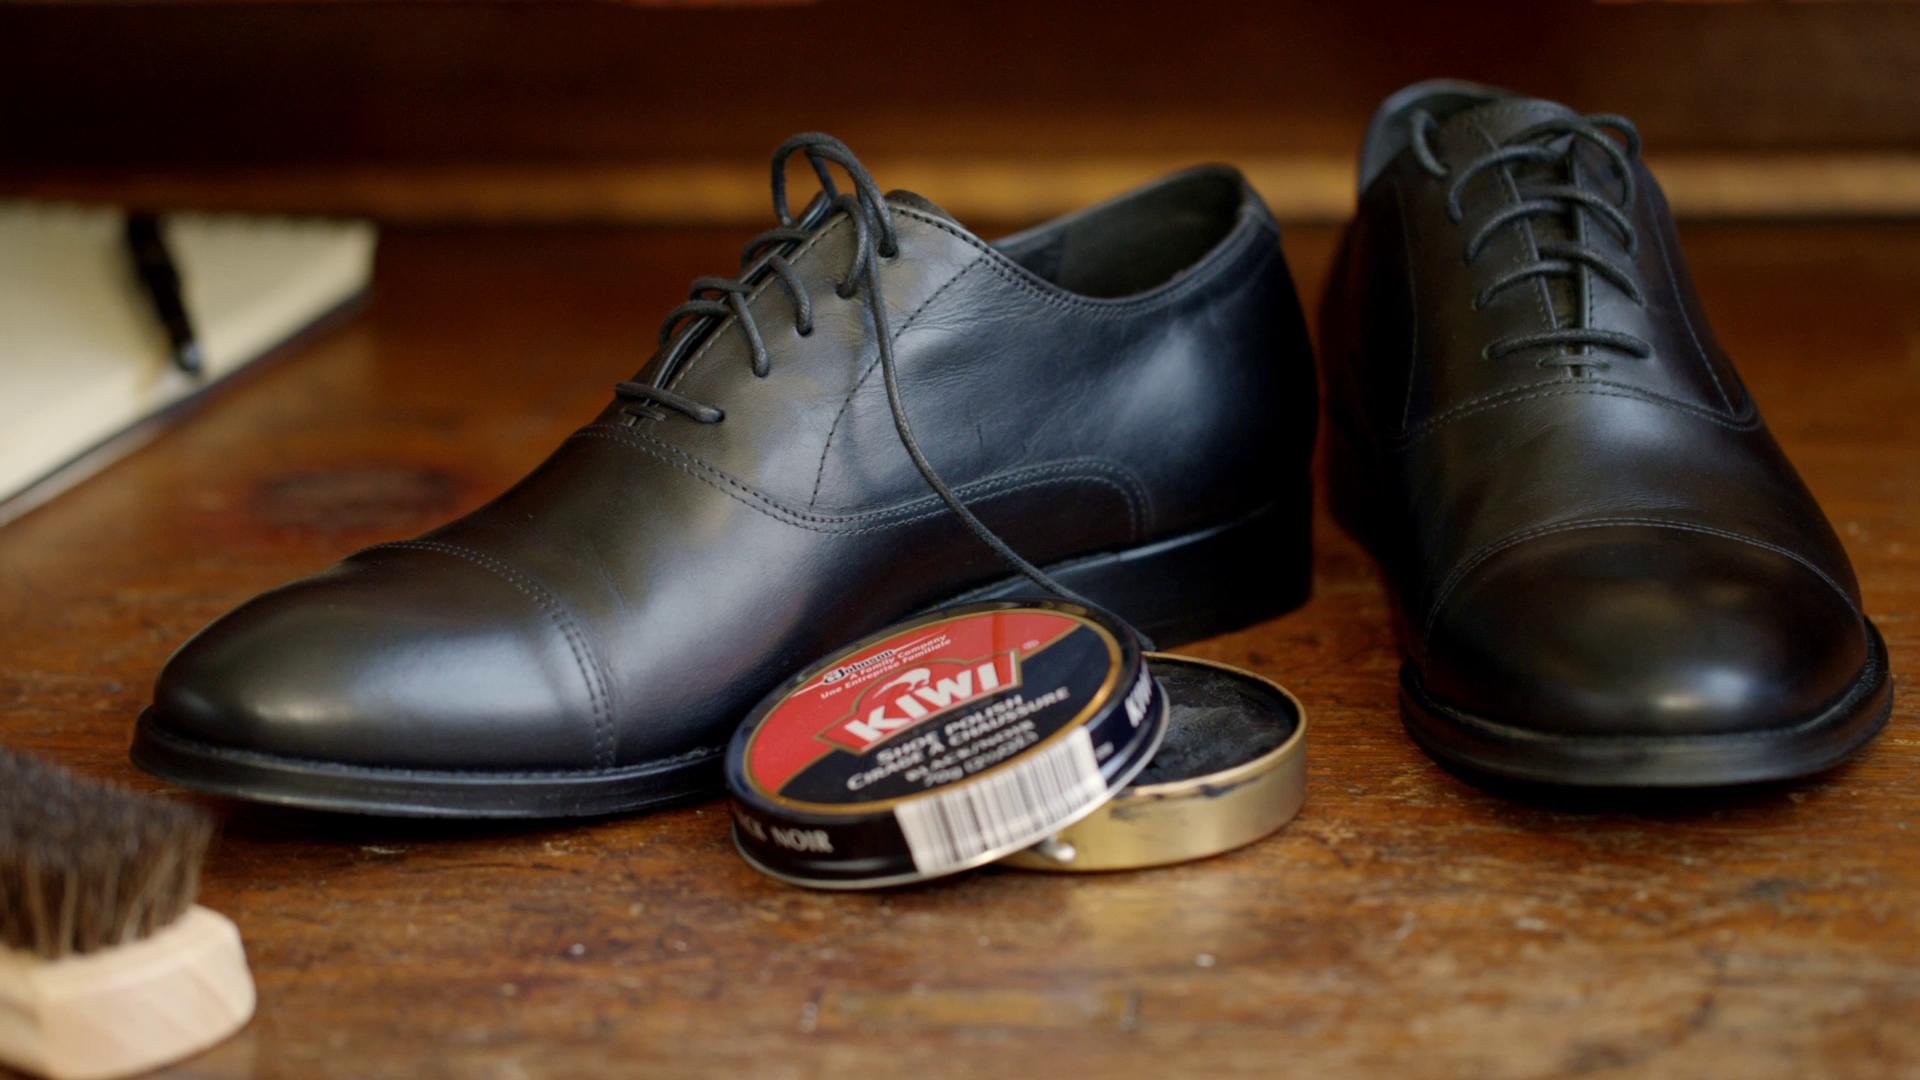 31db56e6d KIWI® Shoe Polish Крем для обуви в банке | Продукция KIWI®